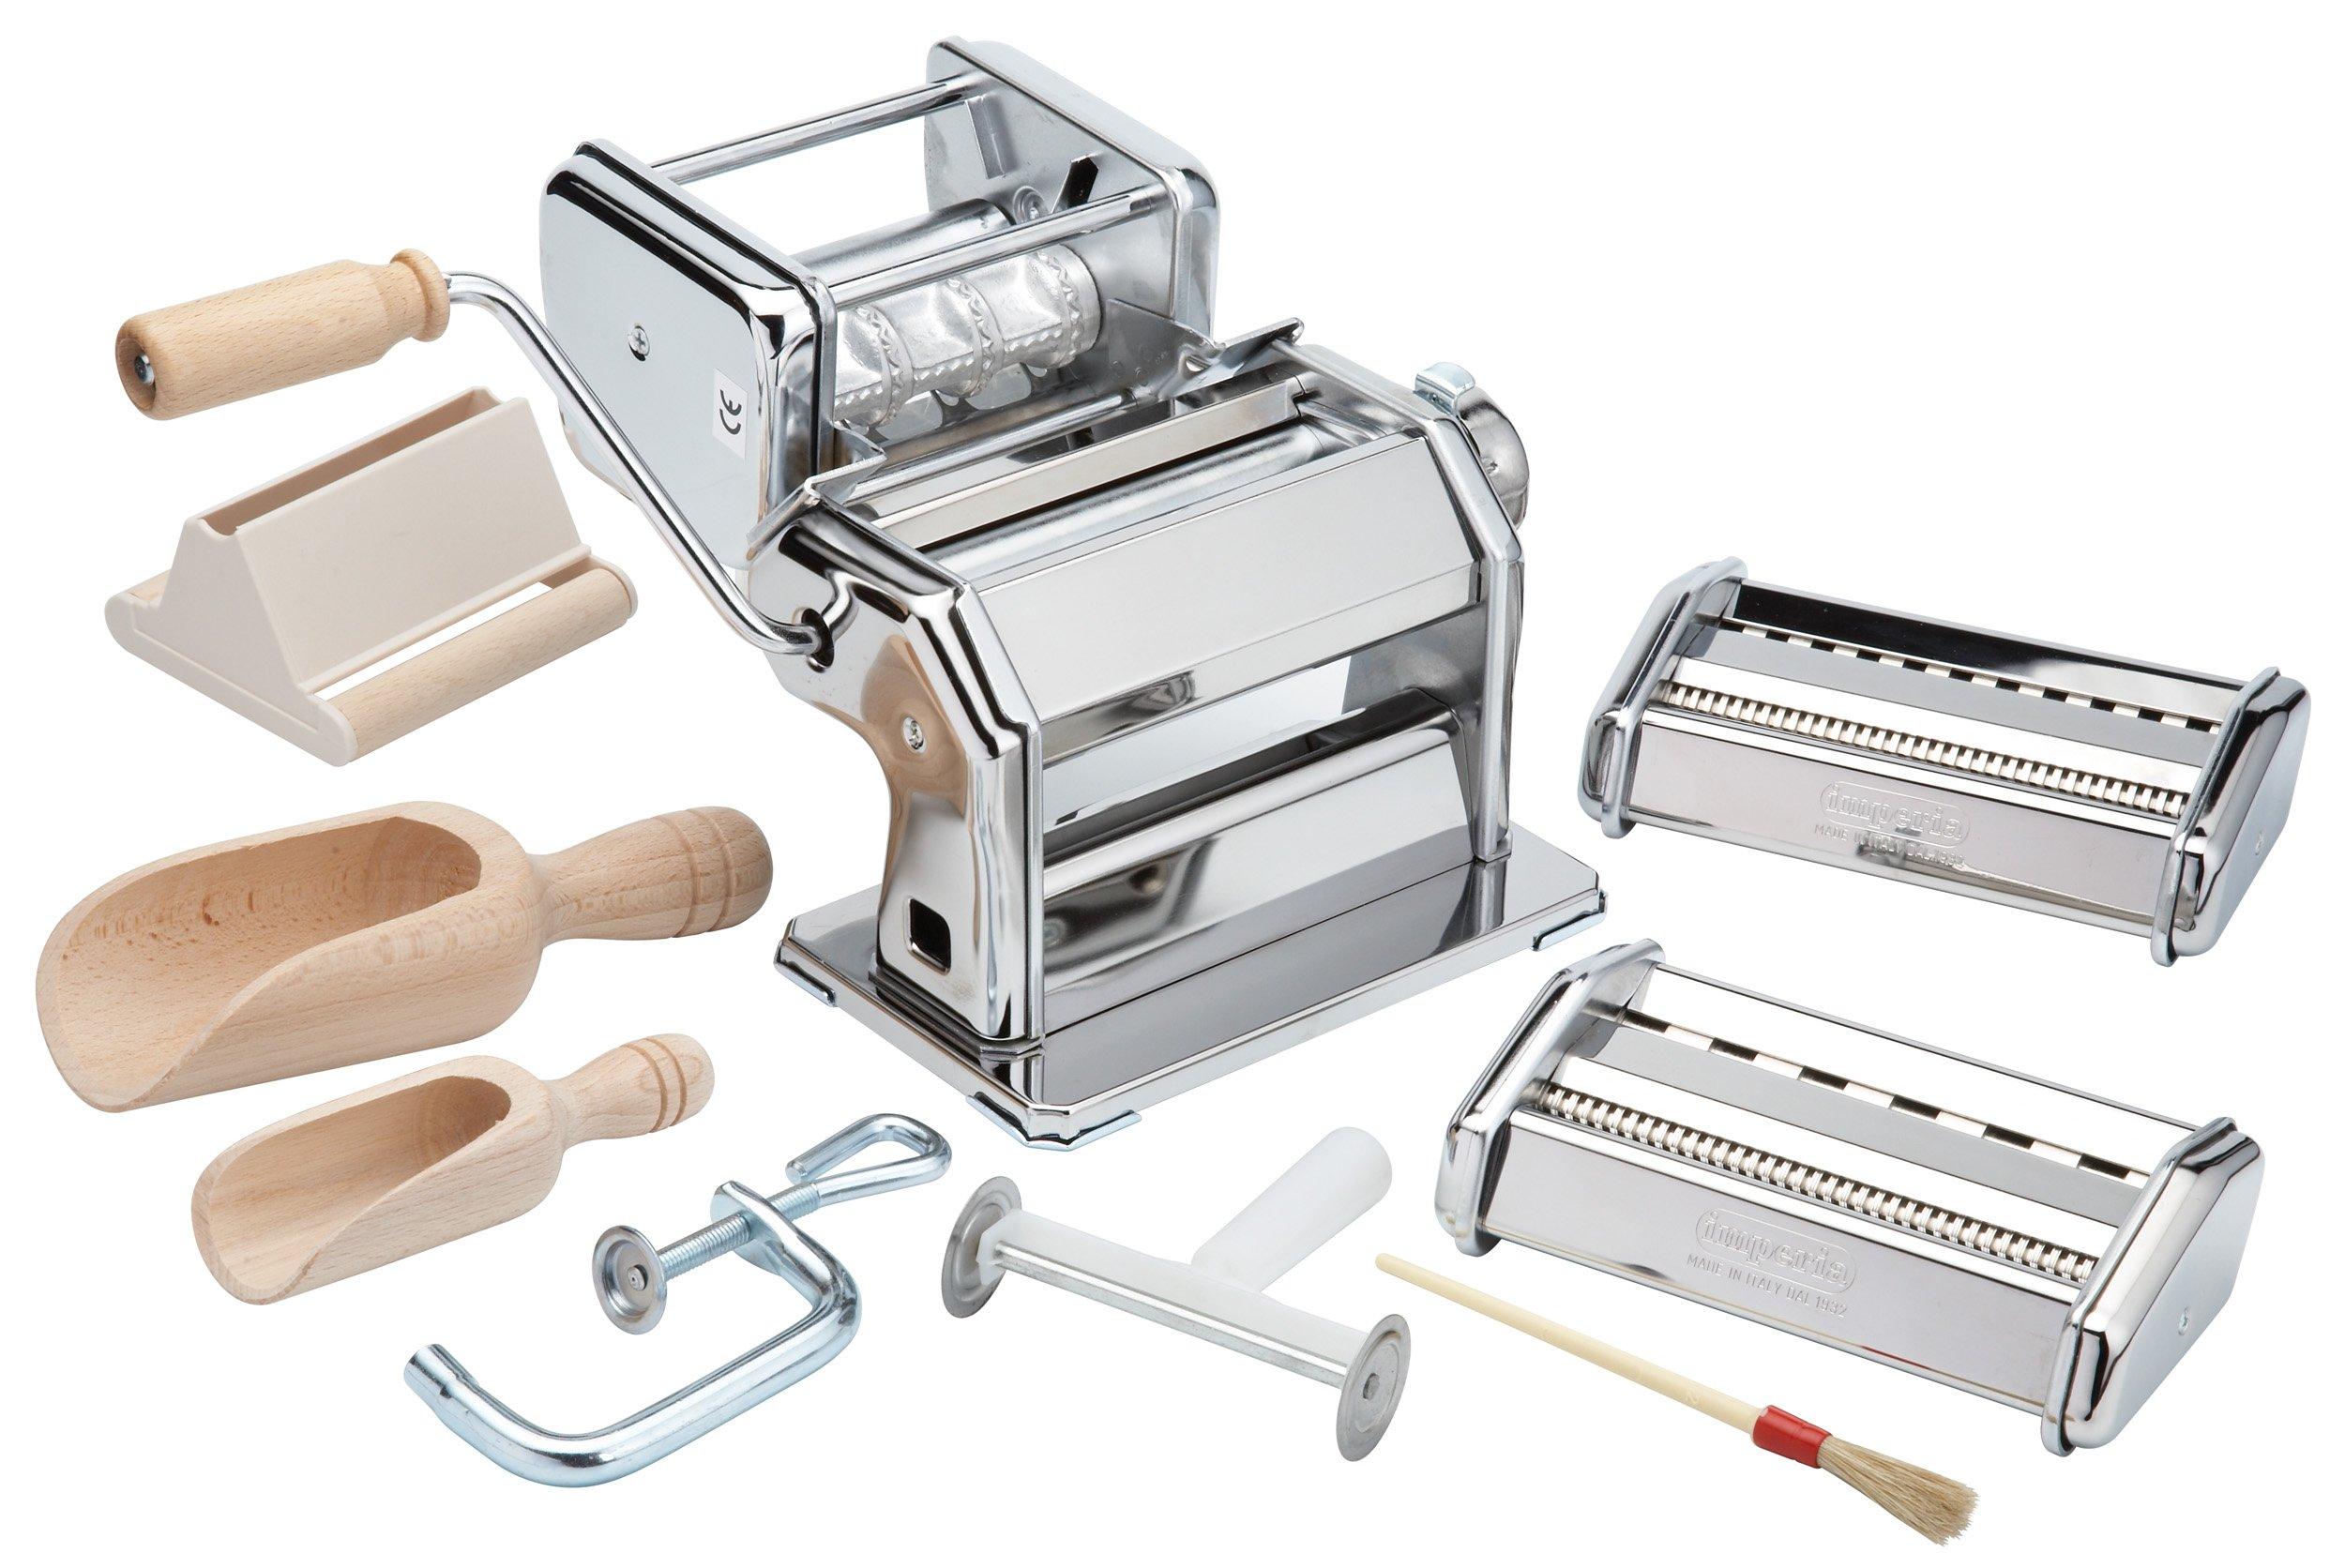 Imperia Pasta Maker Machine- Deluxe 11 Piece Set w Machine, Attachments, Recipes and Accessories